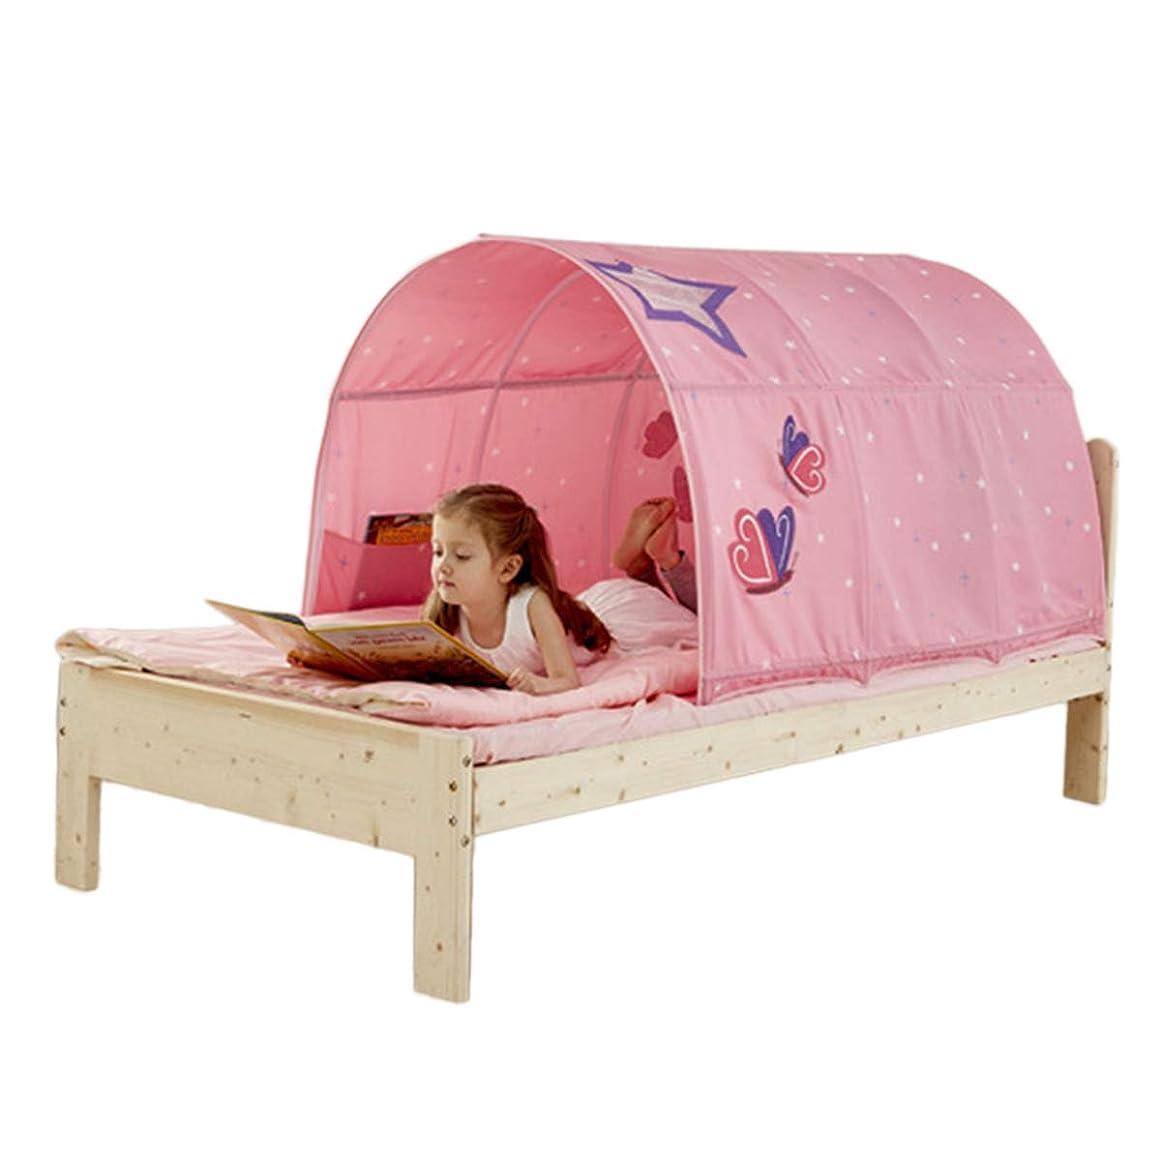 風景どんなときもつなぐ【selling-sports】子供ベッドテントベッドキャノピードリームキッズ遊びテント劇場プライバシースペース眠っている屋内玩具ゲームハウス